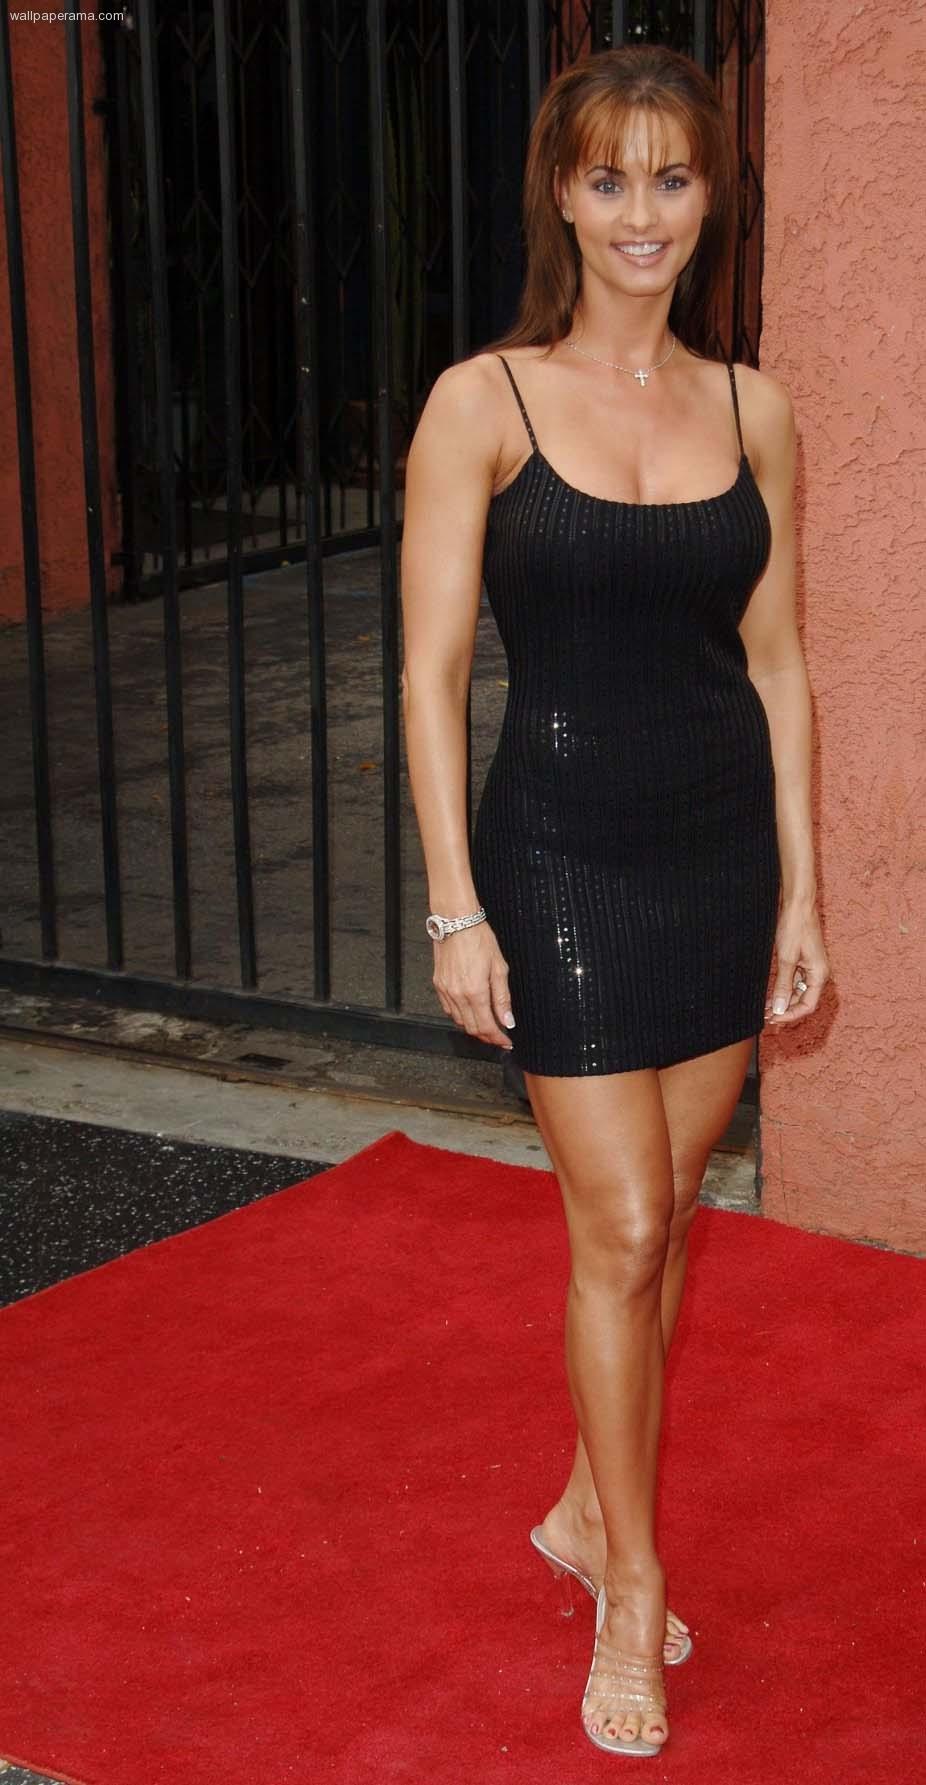 49 hottest photos of Karen McDougals big butt that prove